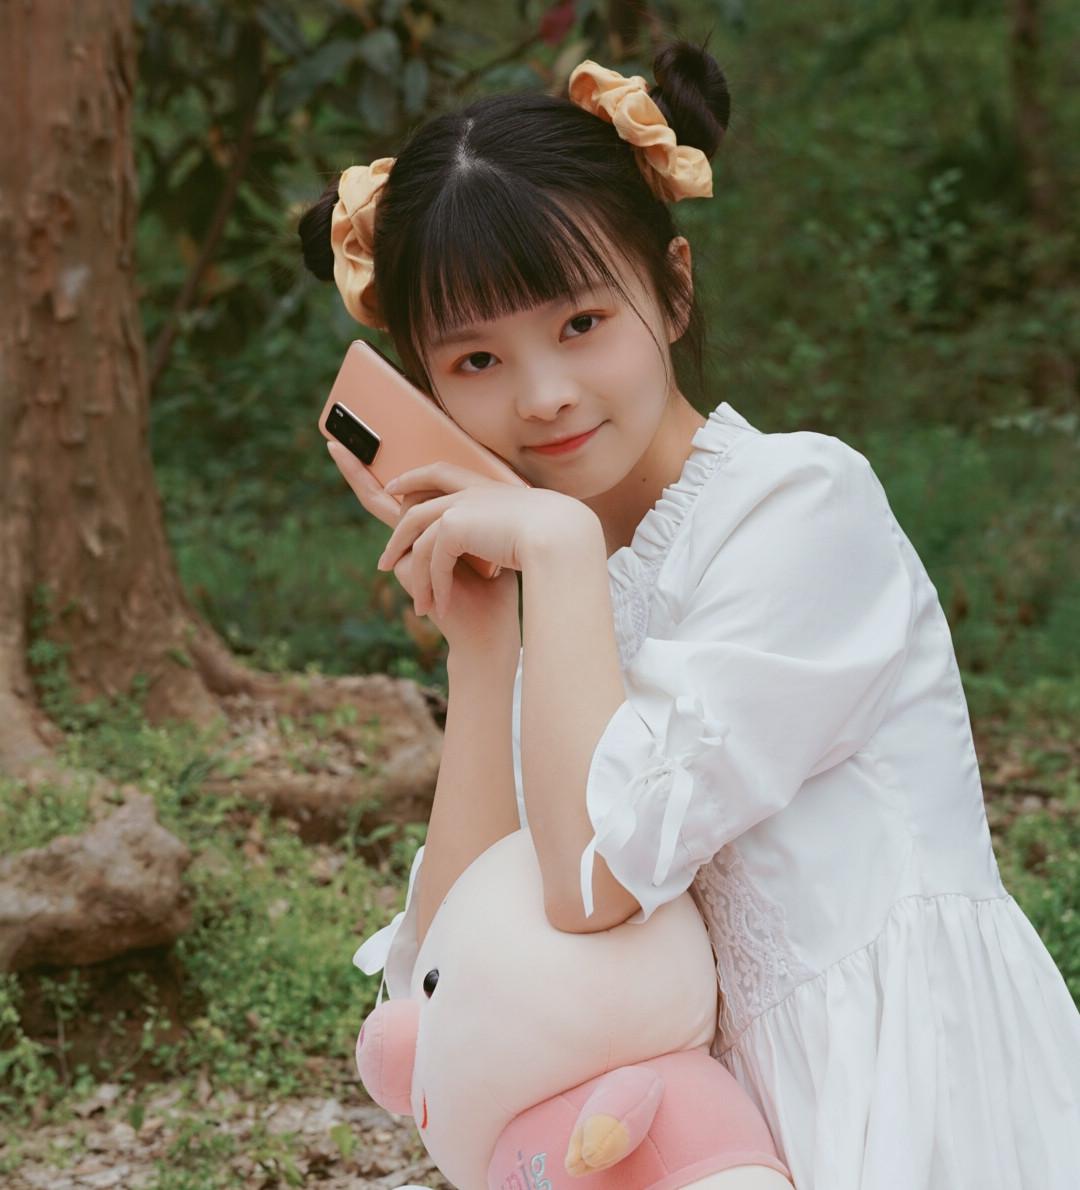 【华为 P40】晨曦金,花粉女生-花粉俱乐部